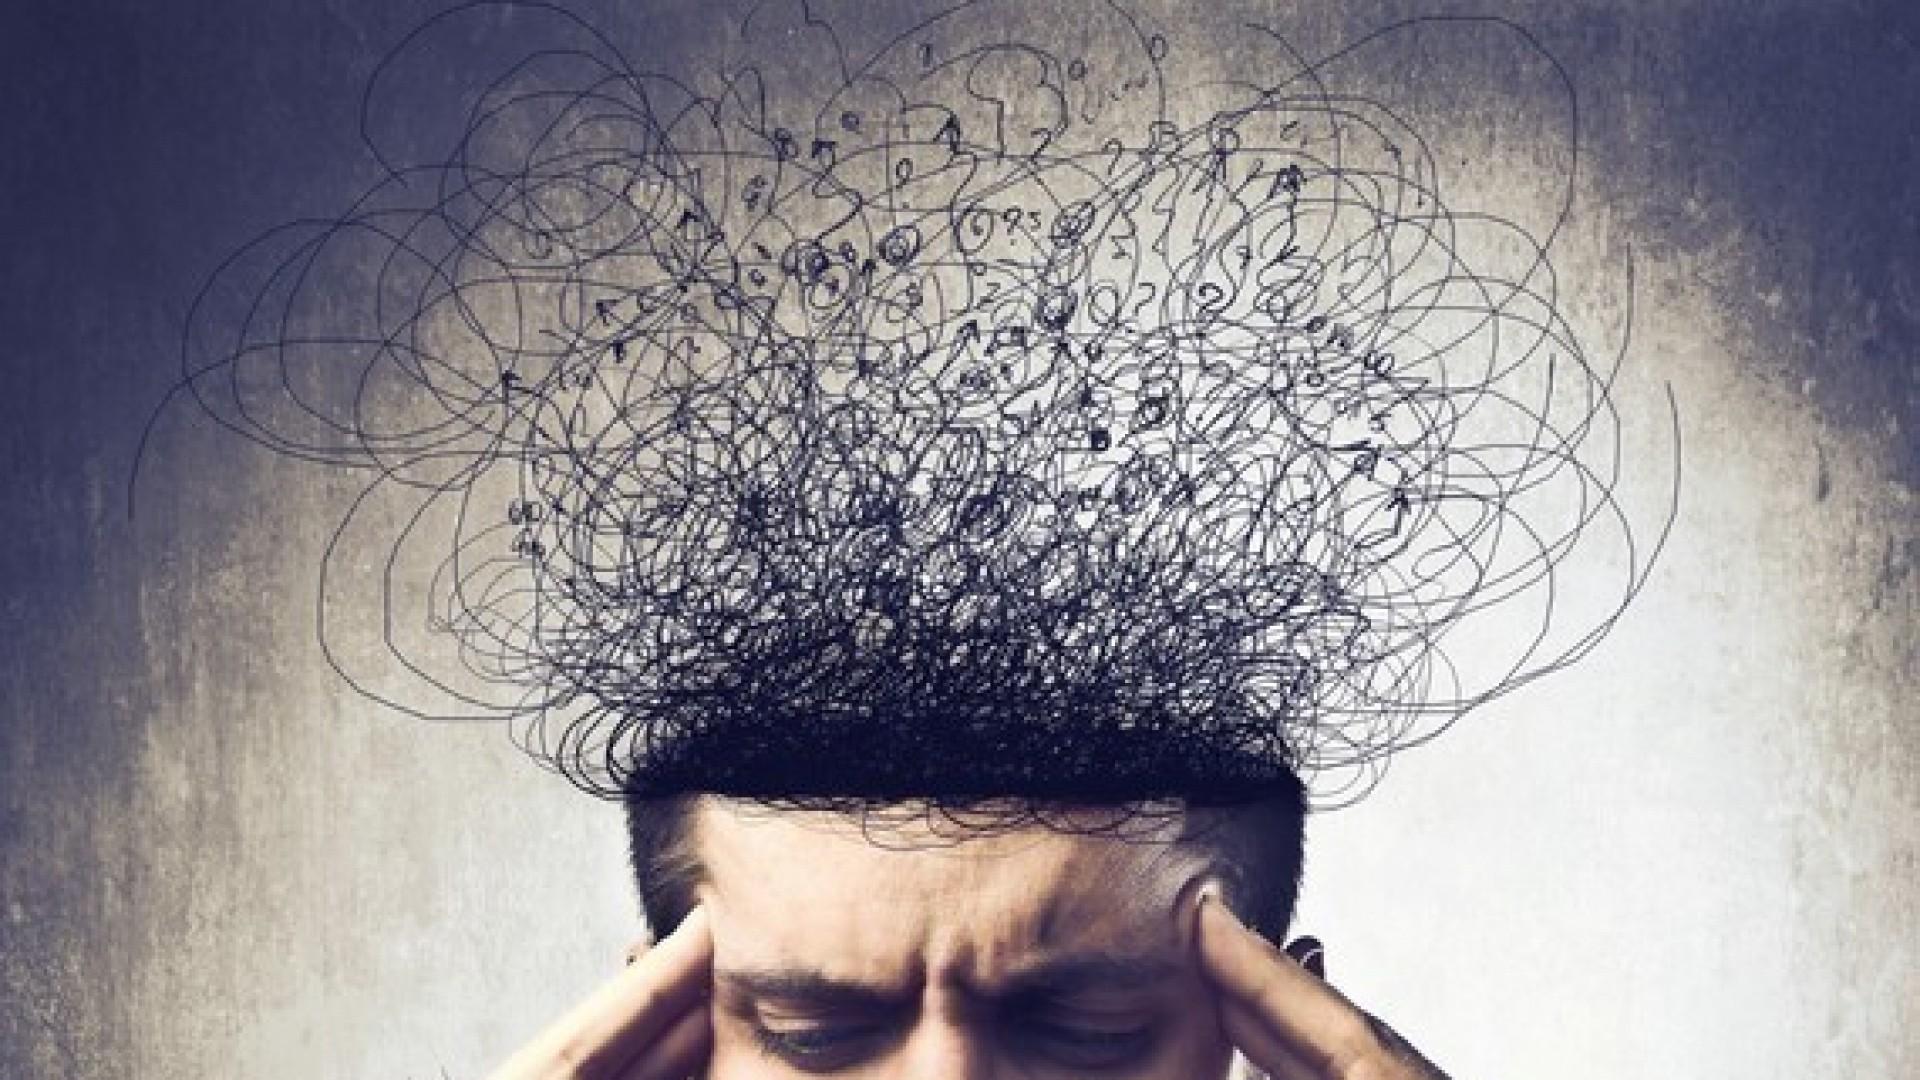 Обходим «ловушки» ума: 5 способов успокоиться перед важным делом